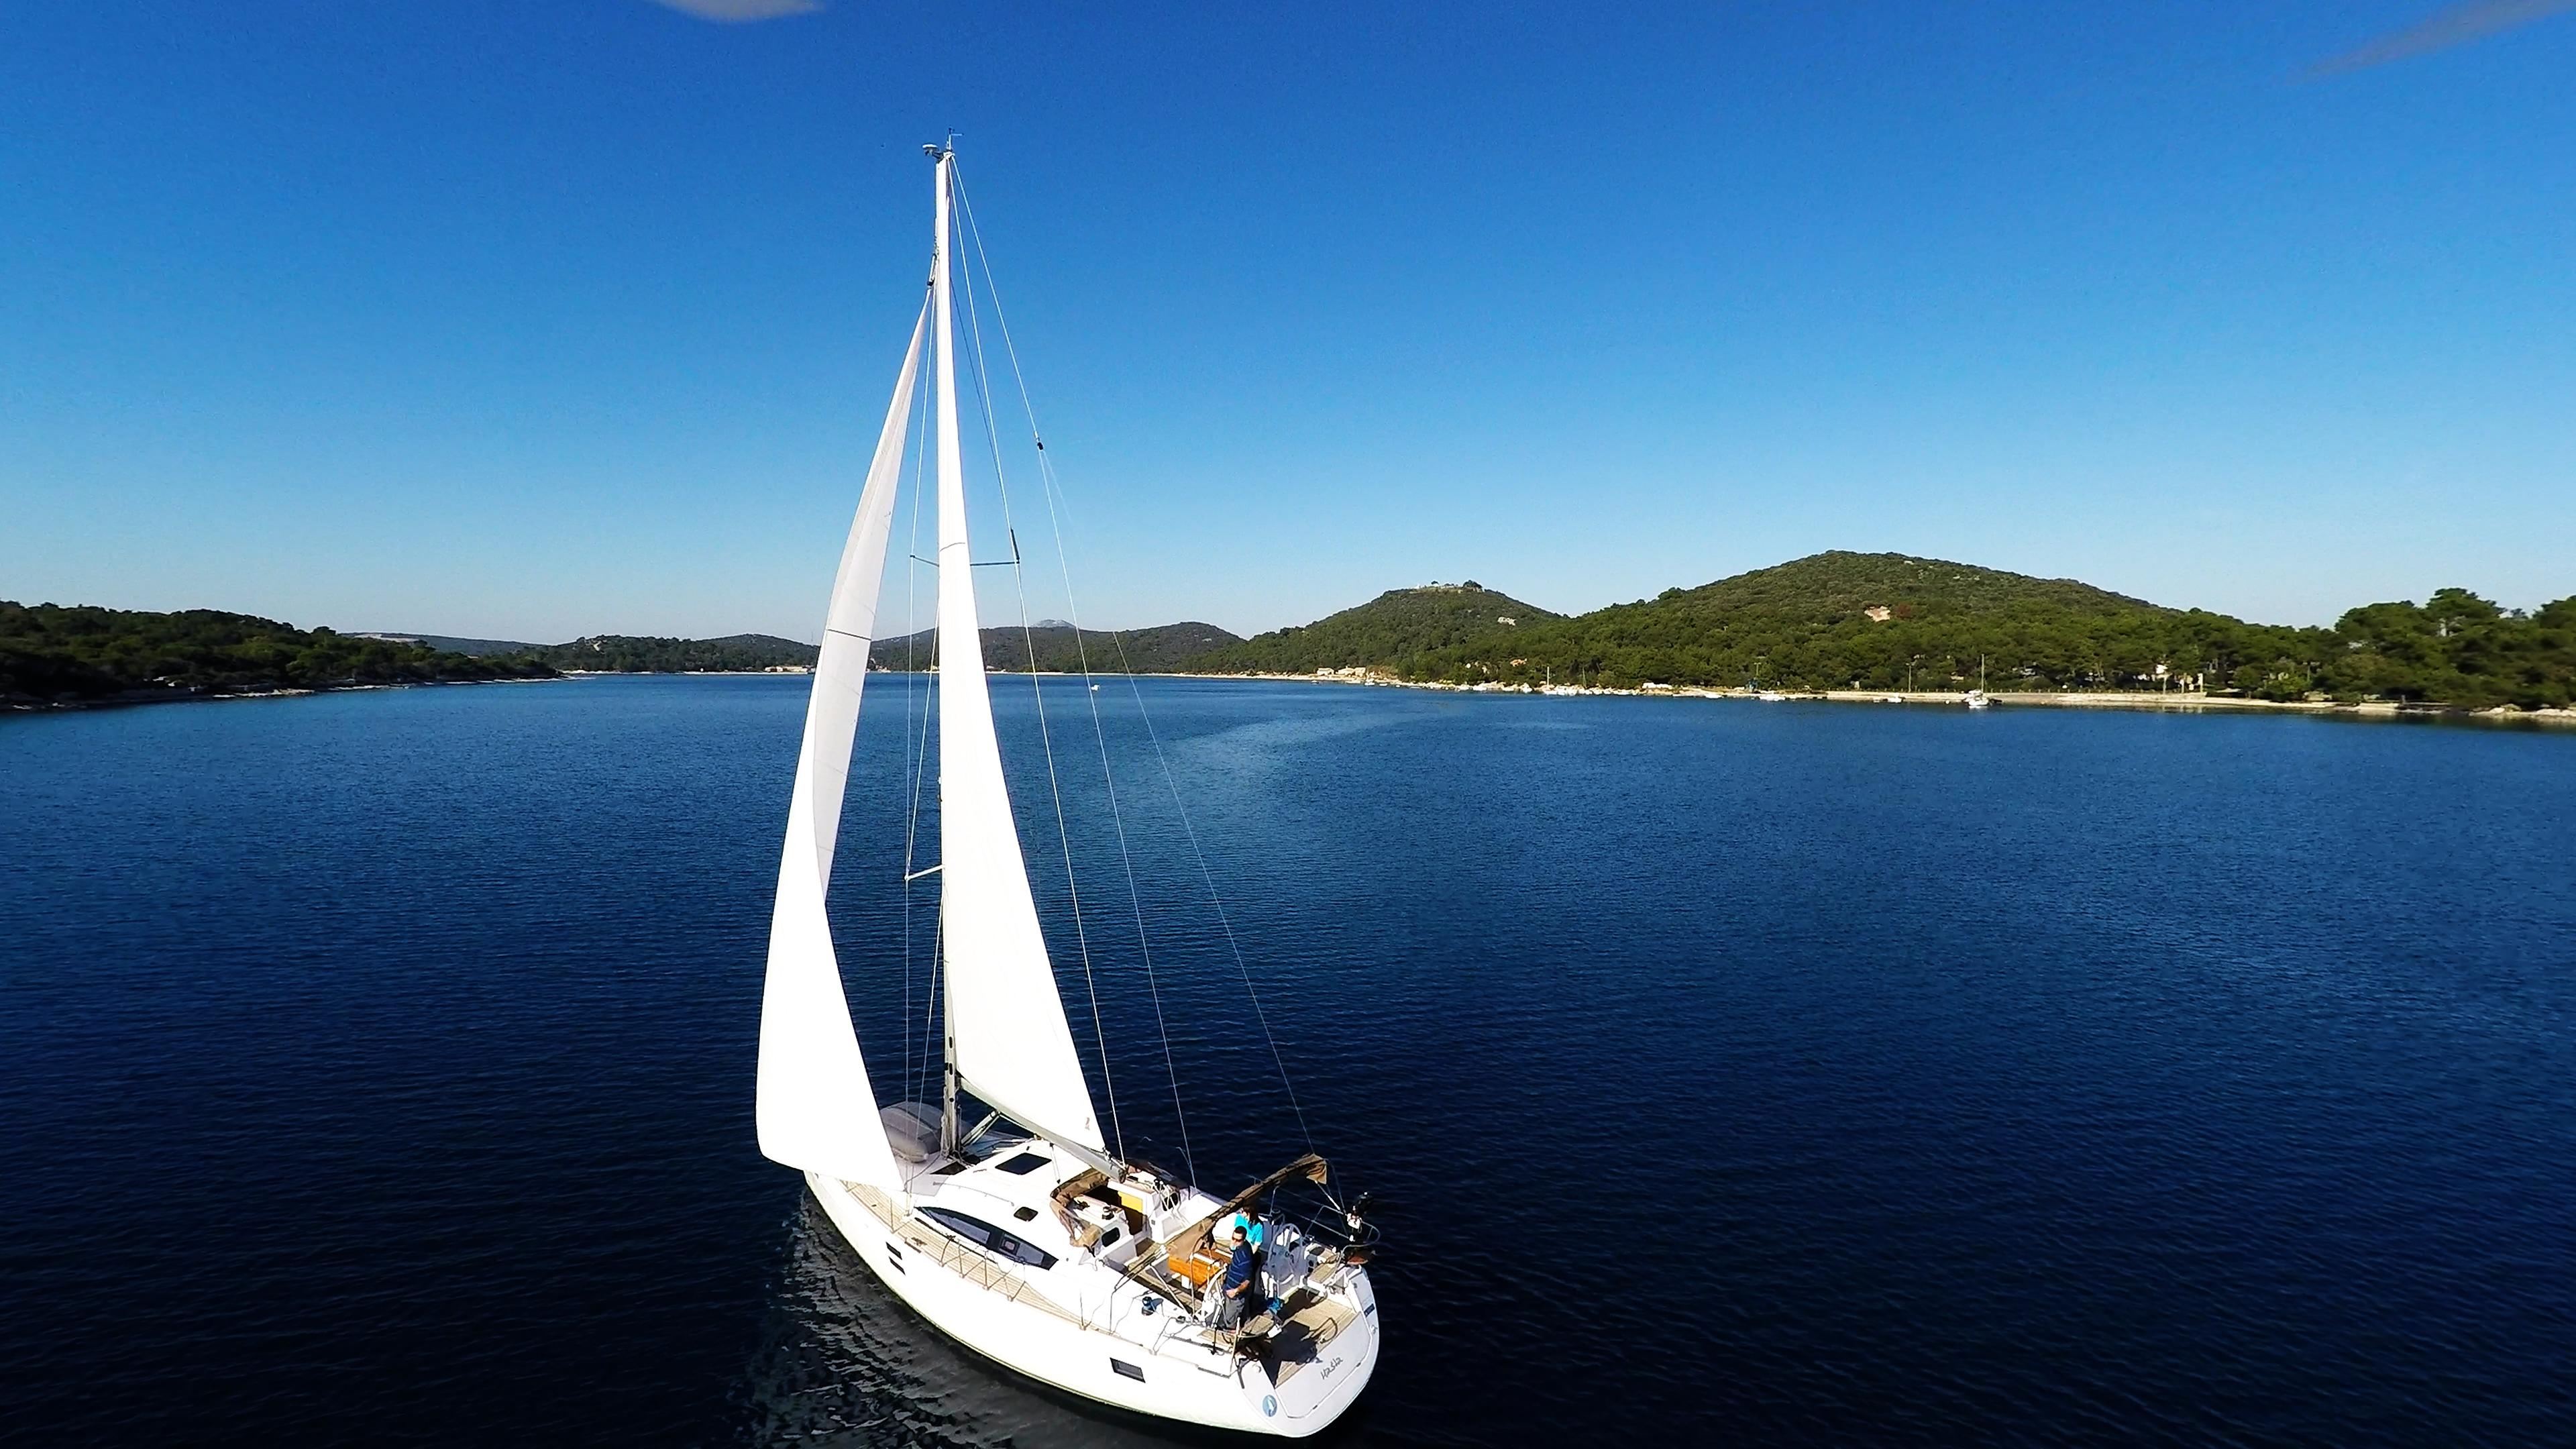 barcha a vela barca a velanella baia del mare cielo blu vele yacht a vela